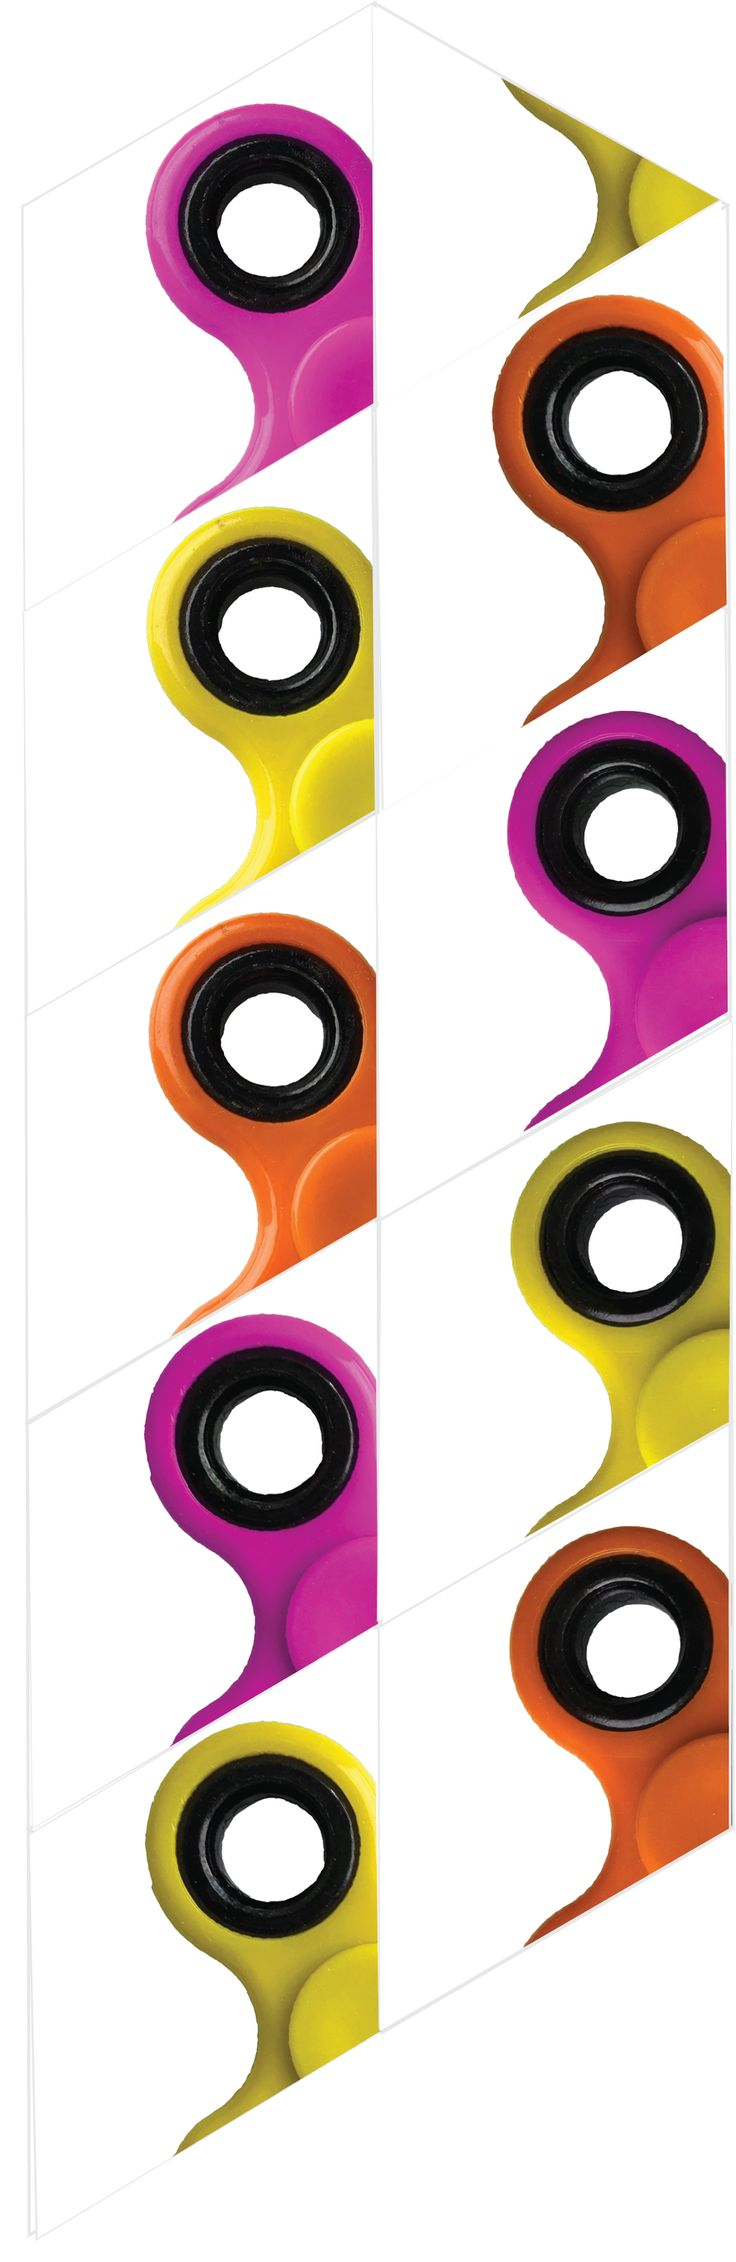 hexaflexagon-fidget-spinner-color-template